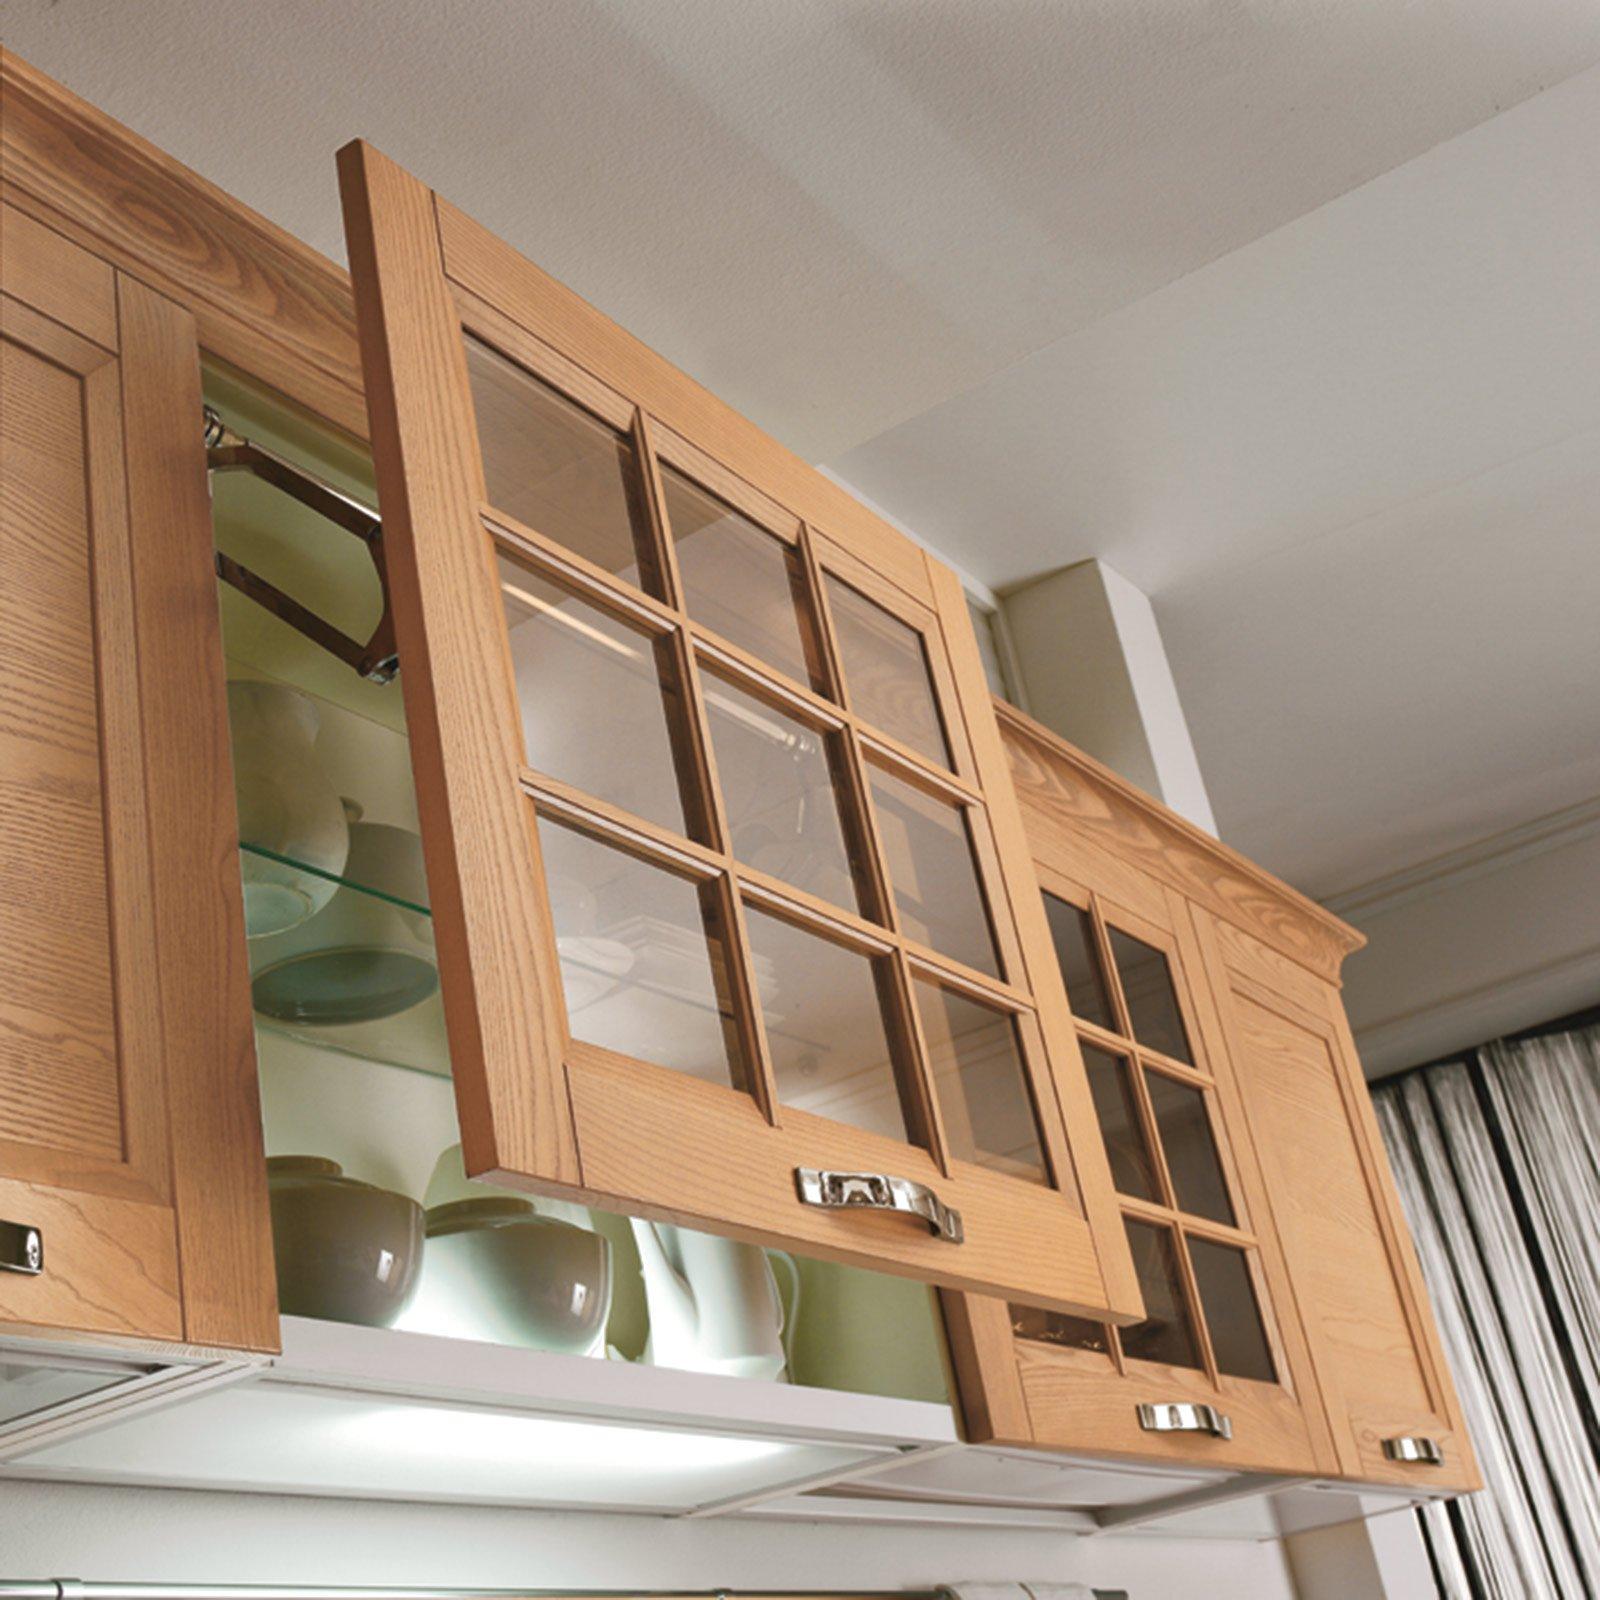 Funzionalit in cucina con le attrezzature giuste cose - Dipingere ante cucina ...